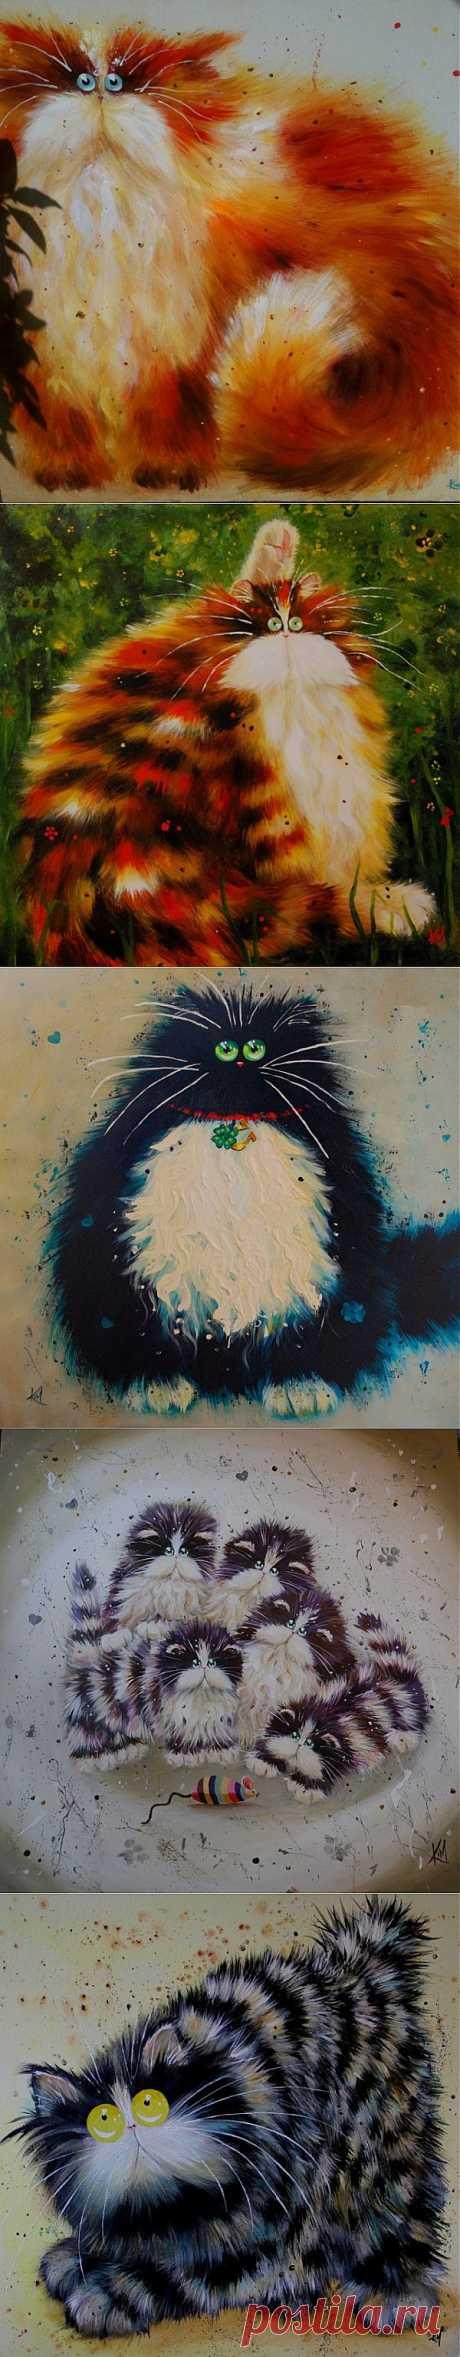 (+1) тема - Забавные глазастые коты от Ким Хаскинс | Четвероногий юмор